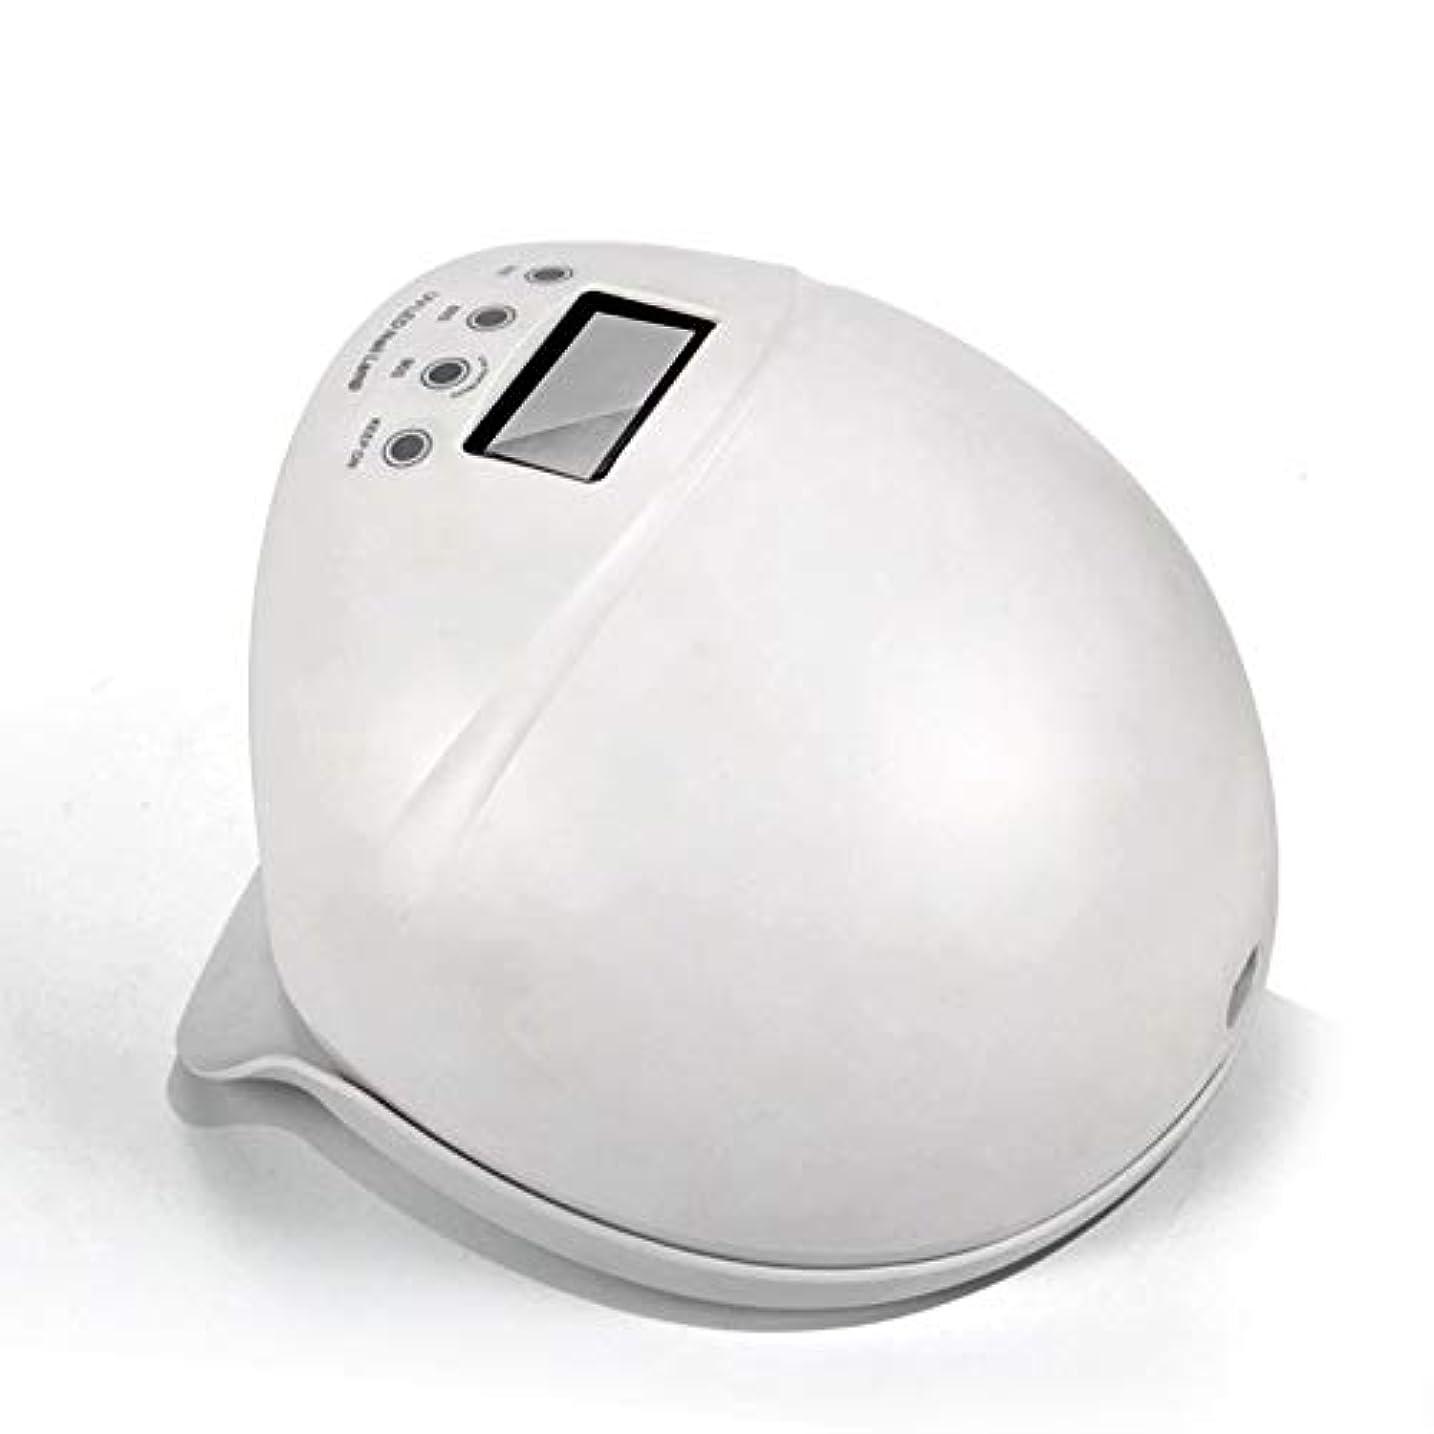 打倒ライブ職人ネイルライト50ワットuv ledネイルドライヤー無痛硬化ランプ付き自動誘導ledディスプレイ3タイマーセットネイルとtoenailジェルポリッシュ